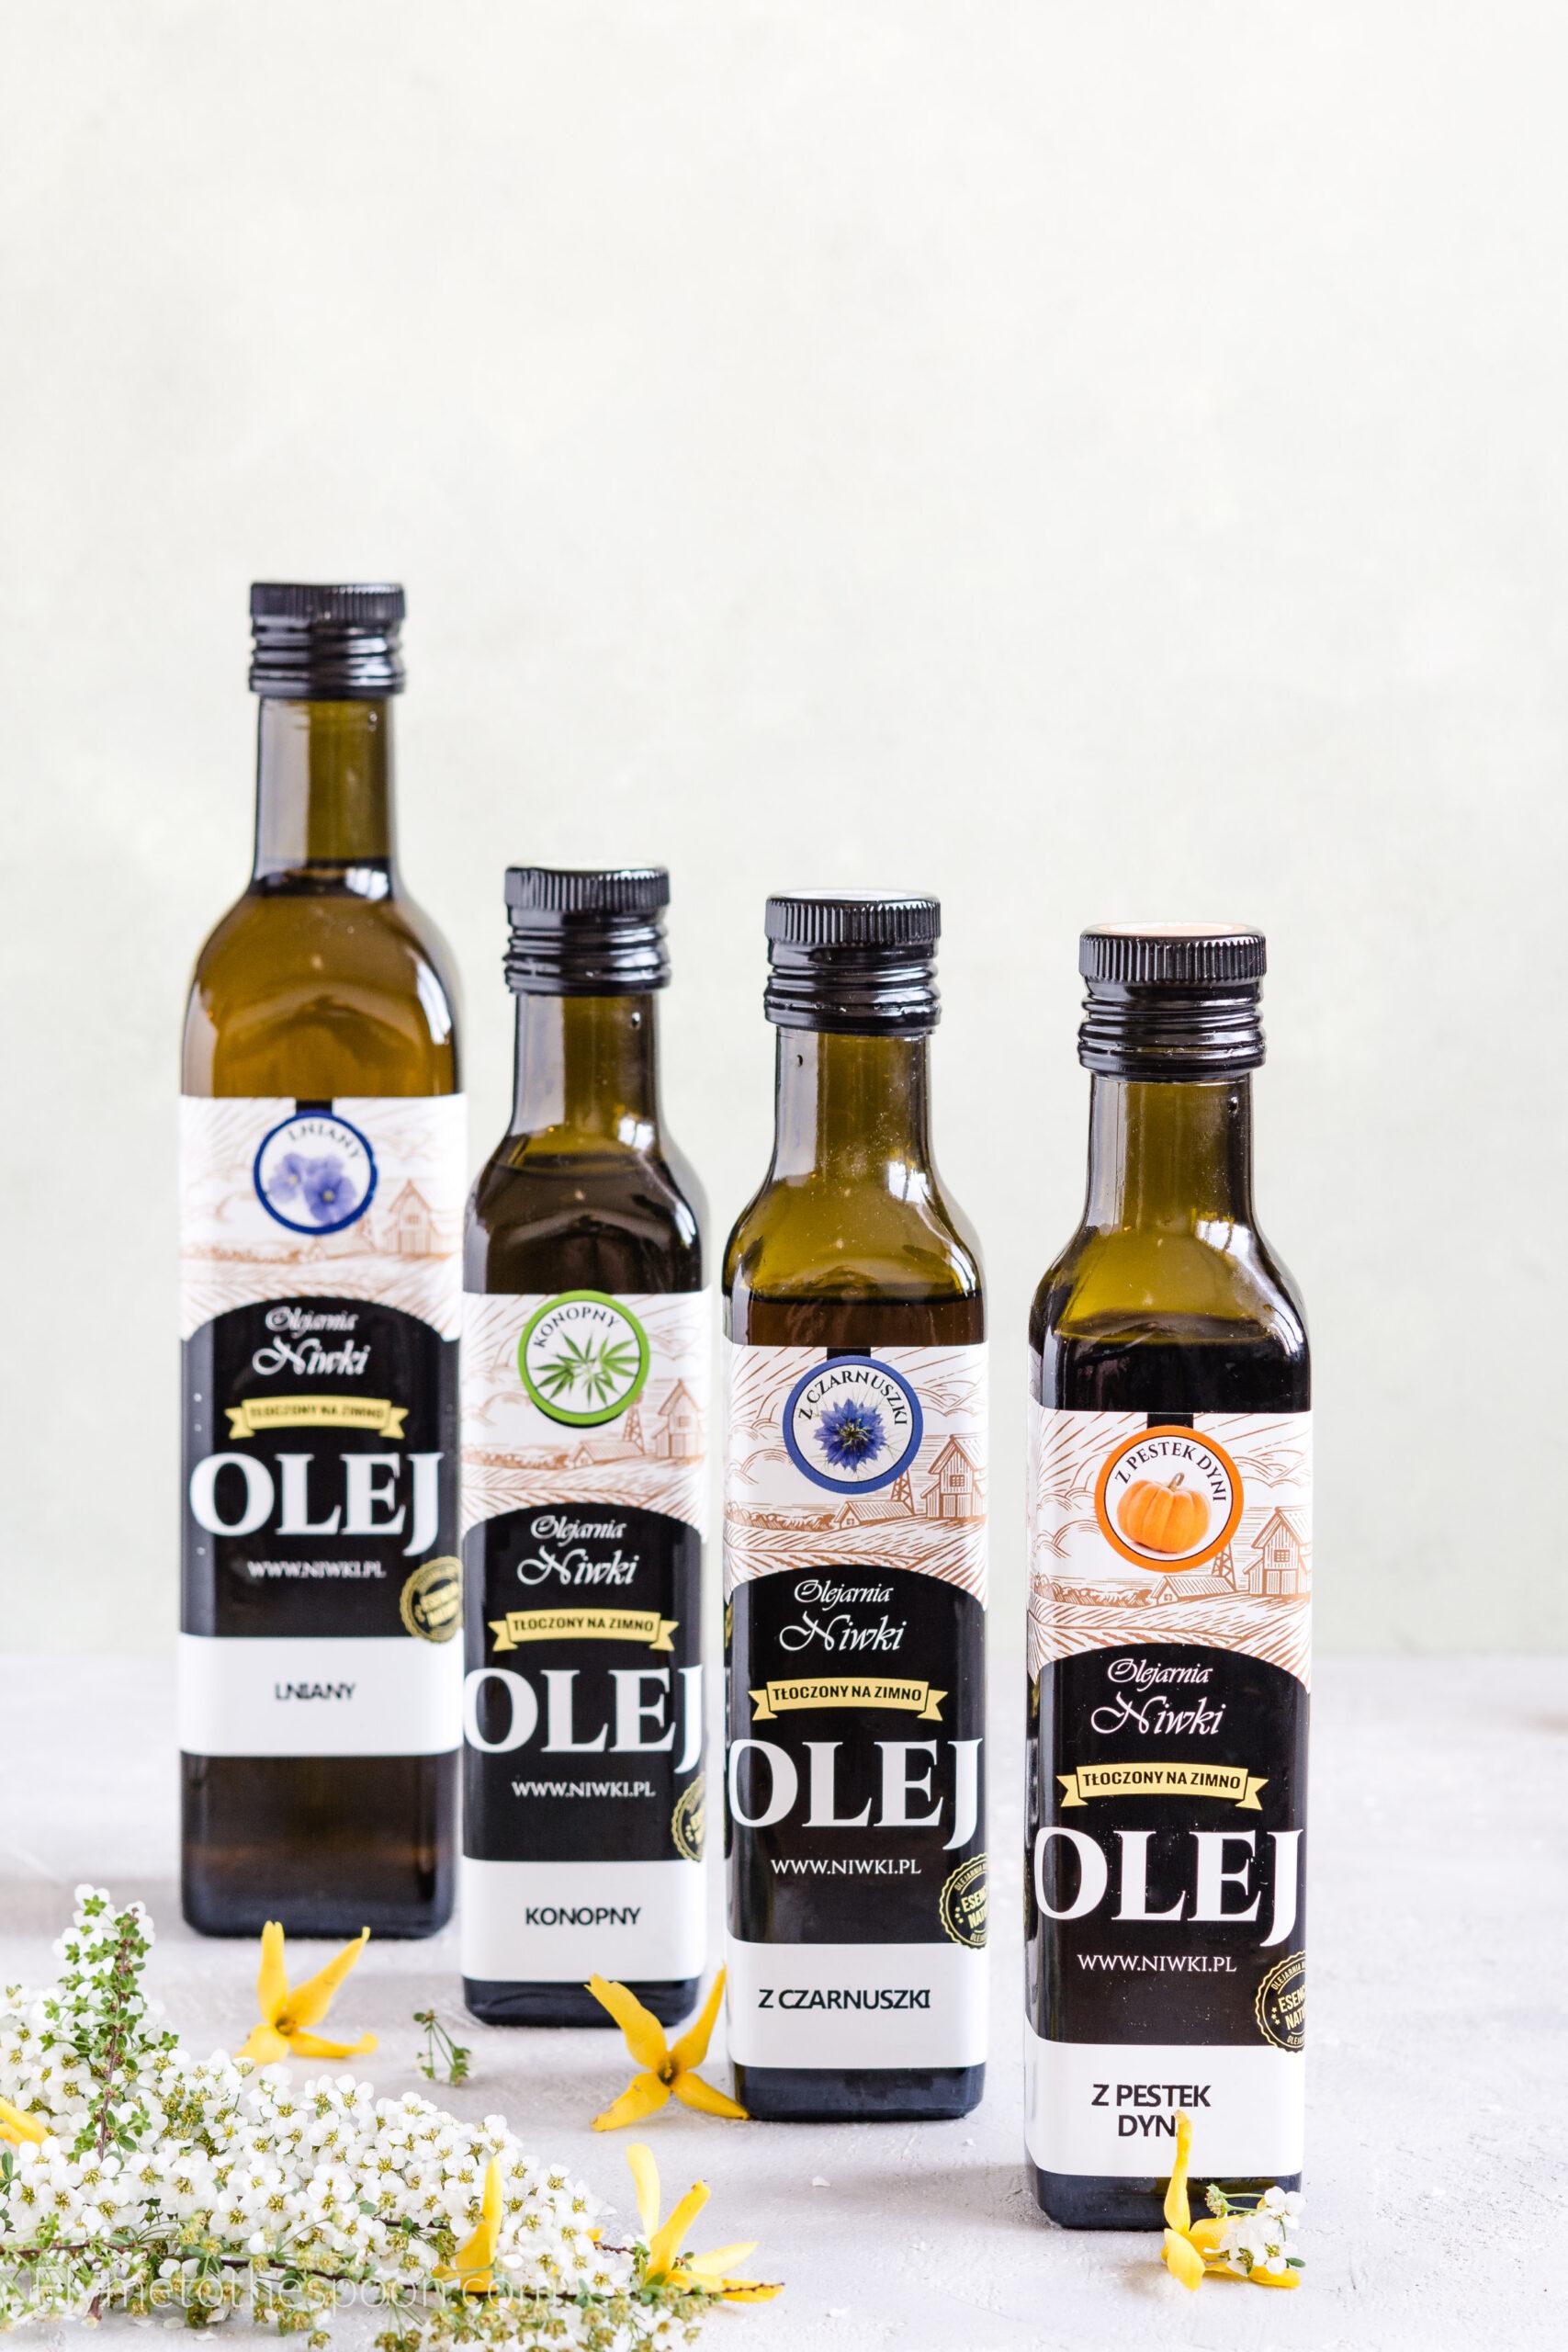 Mój ranking najzdrowszych olejów roślinnych – właściwości oleju lnianego, z czarnuszki i innych